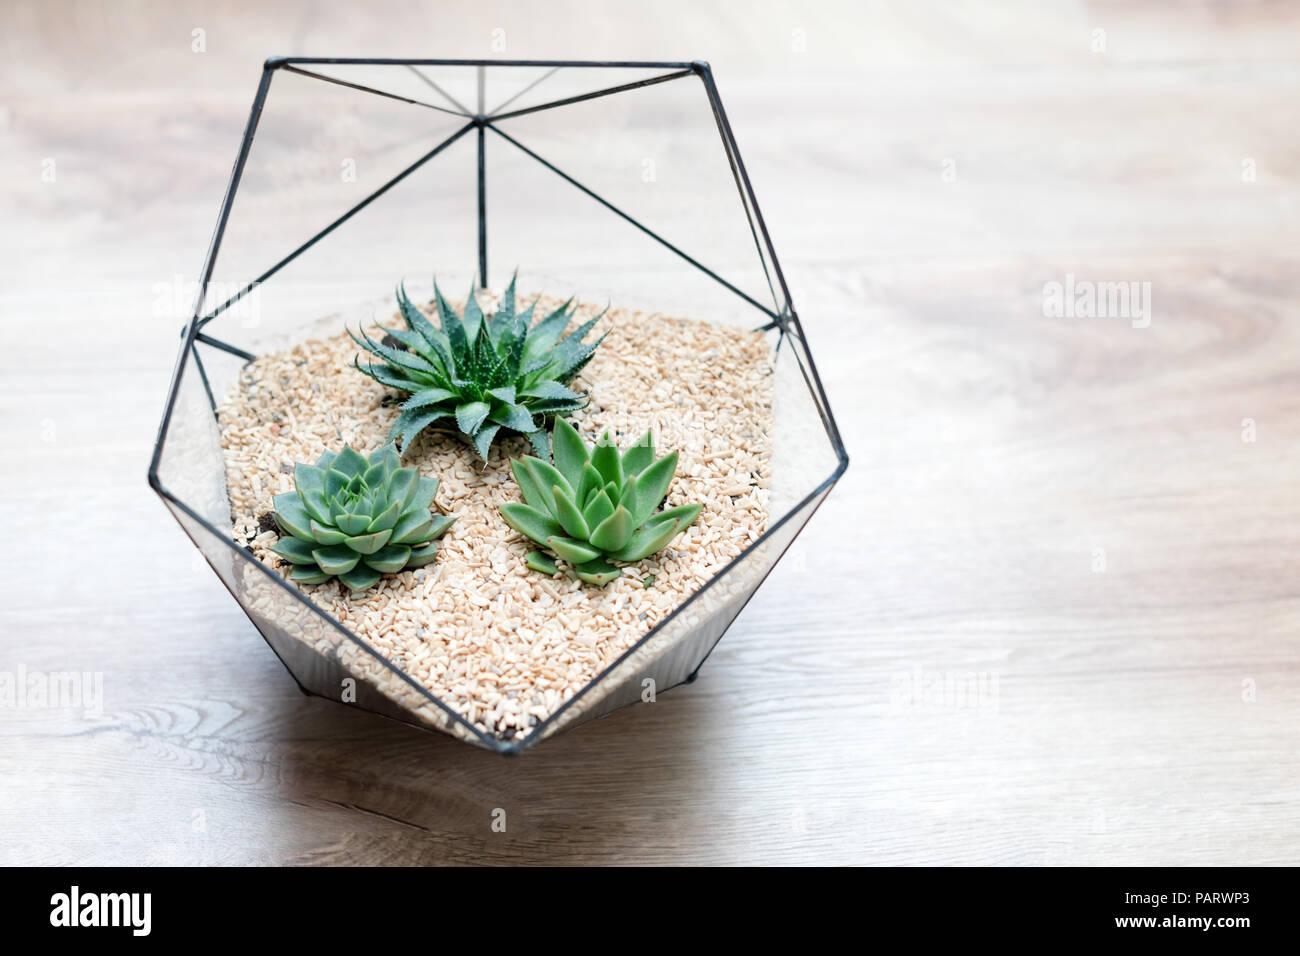 florarium glas vase mit sukkulenten pflanzen und kleinen kaktus auf holz hintergrund kleiner. Black Bedroom Furniture Sets. Home Design Ideas